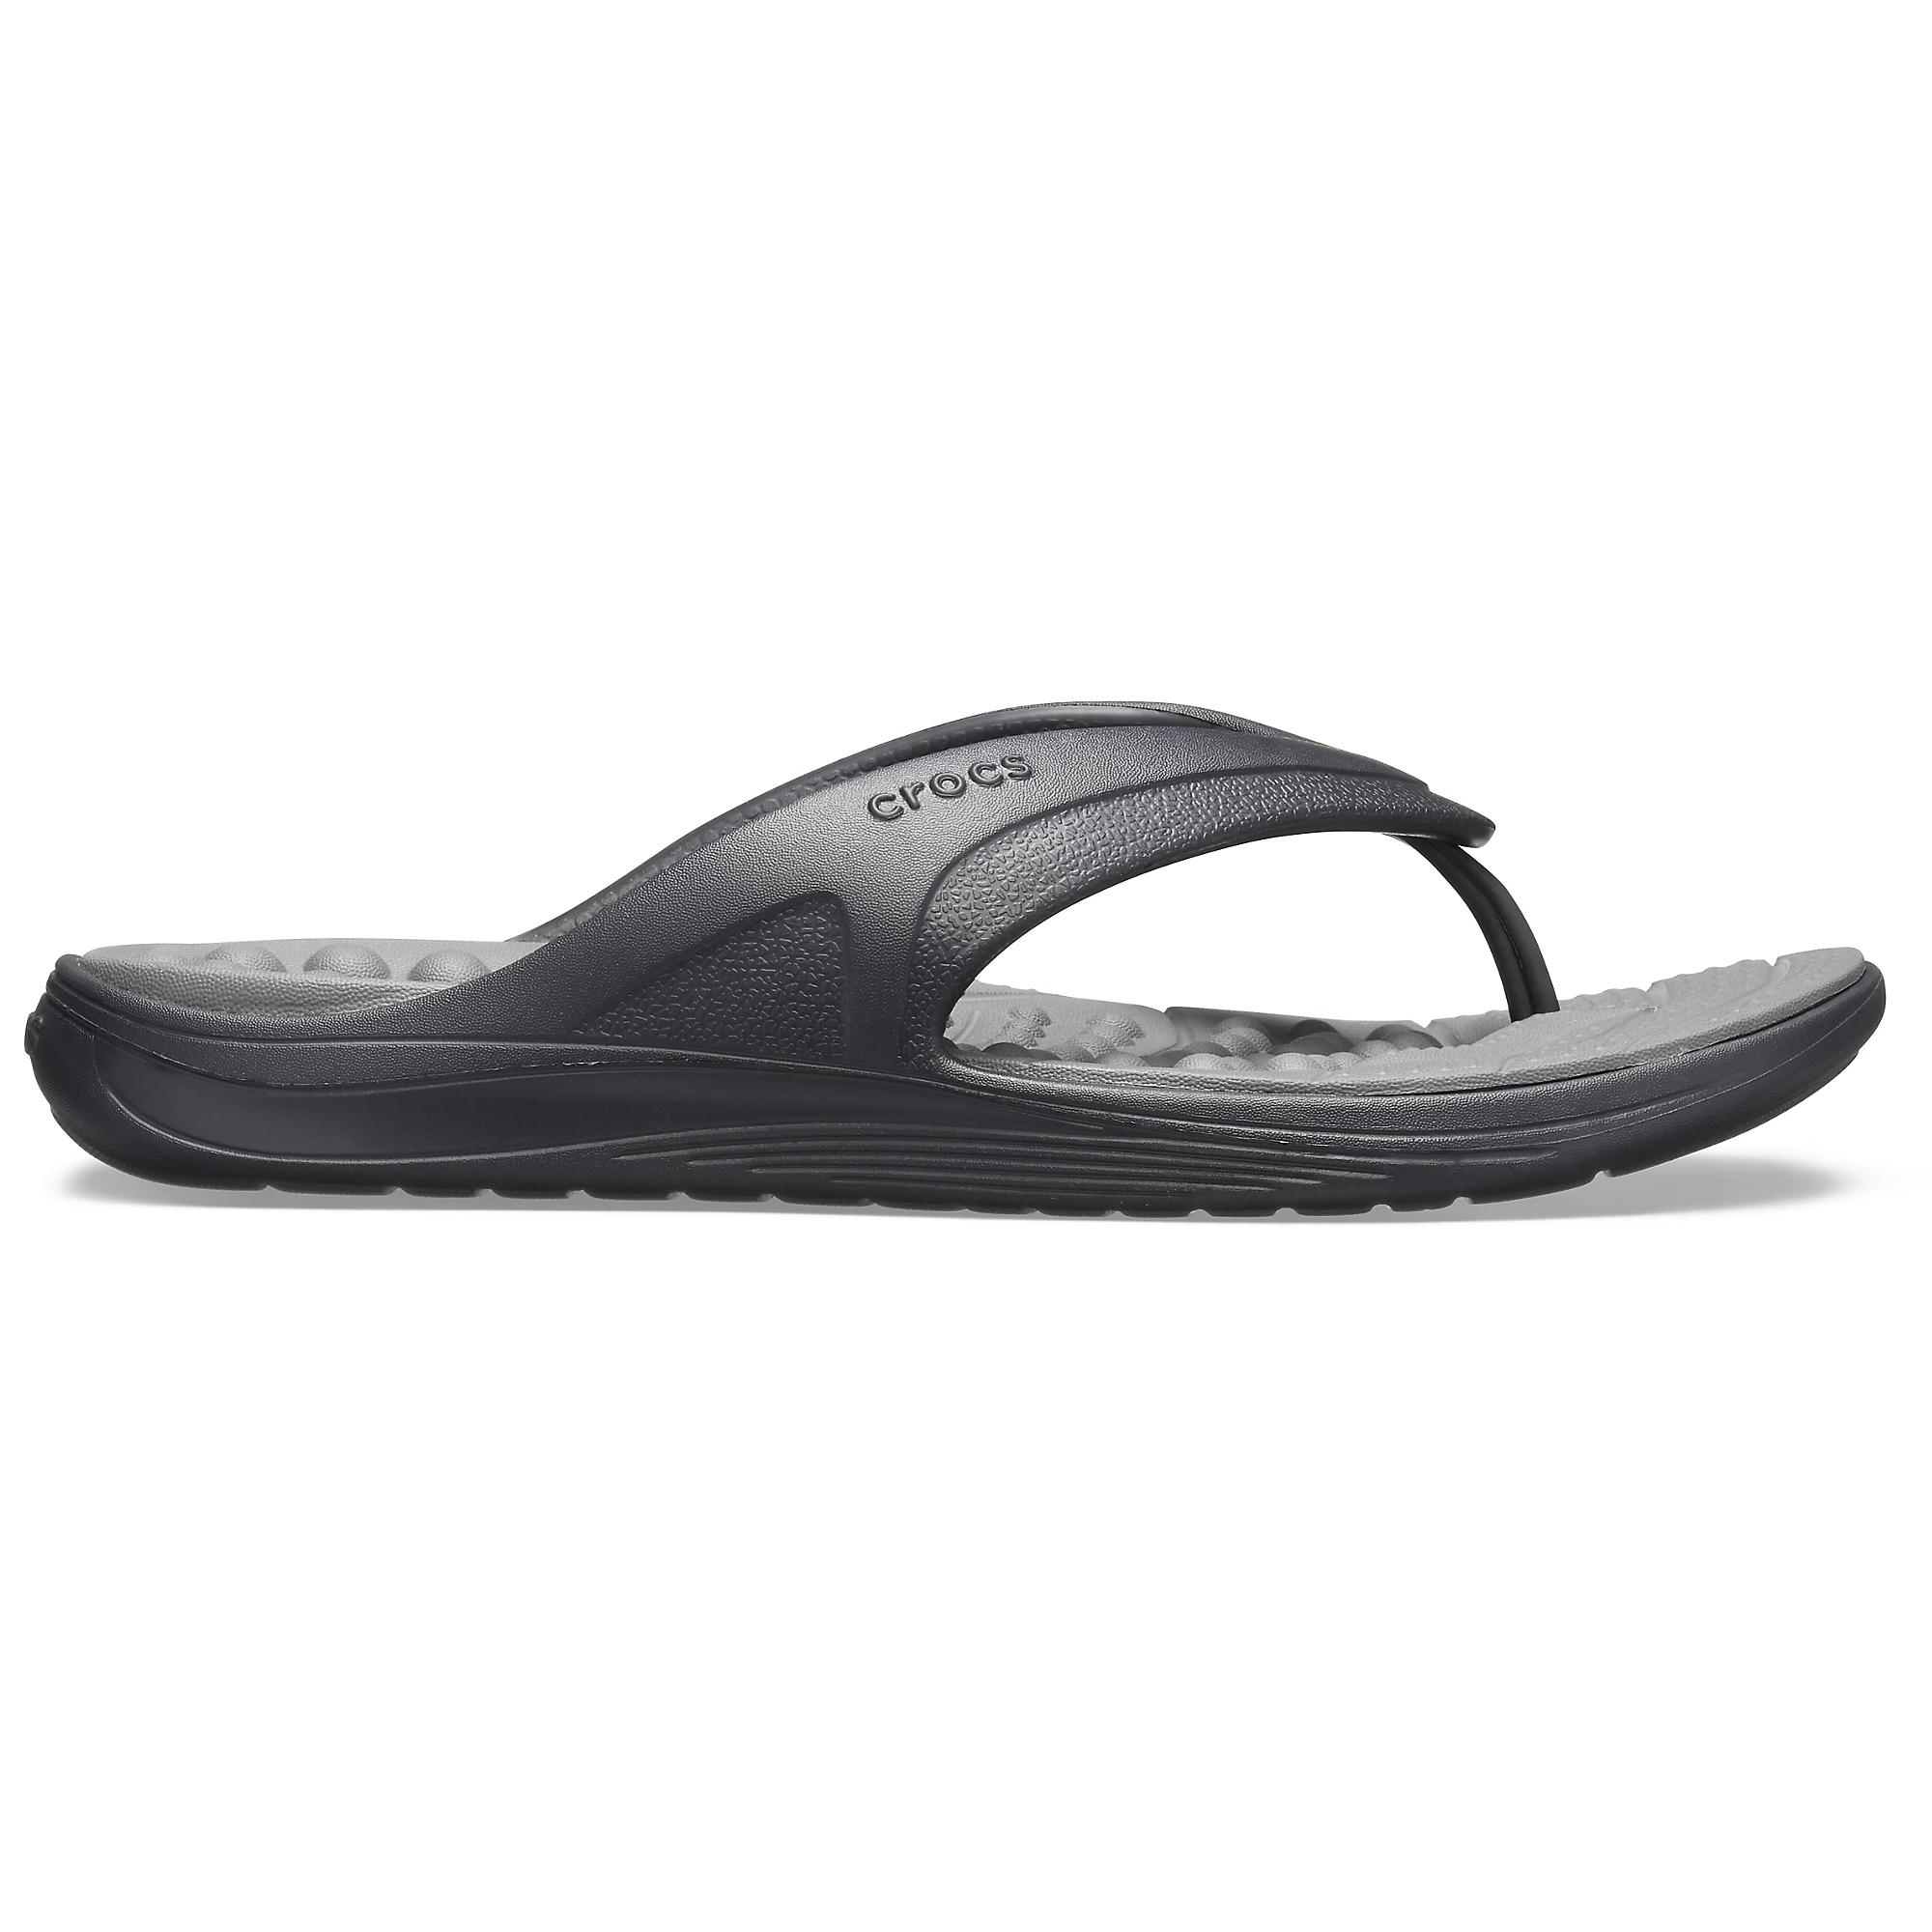 84d589f0294e0 Crocs 205545 REVIVA FLIP Mens Flip Flops Black/Slate Grey